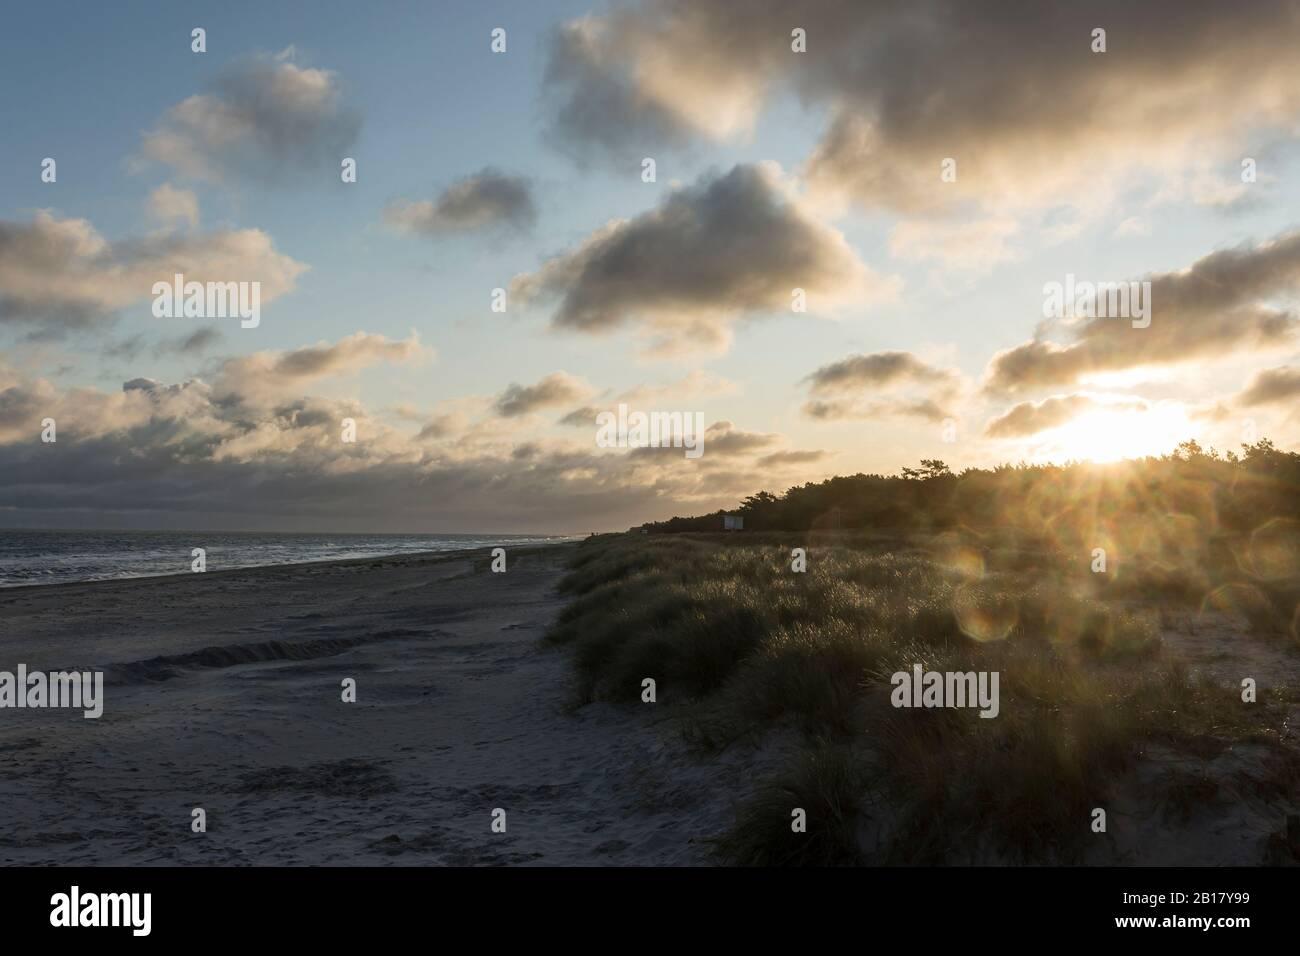 Prerow Weststrrand Stockfotos und  bilder Kaufen   Alamy